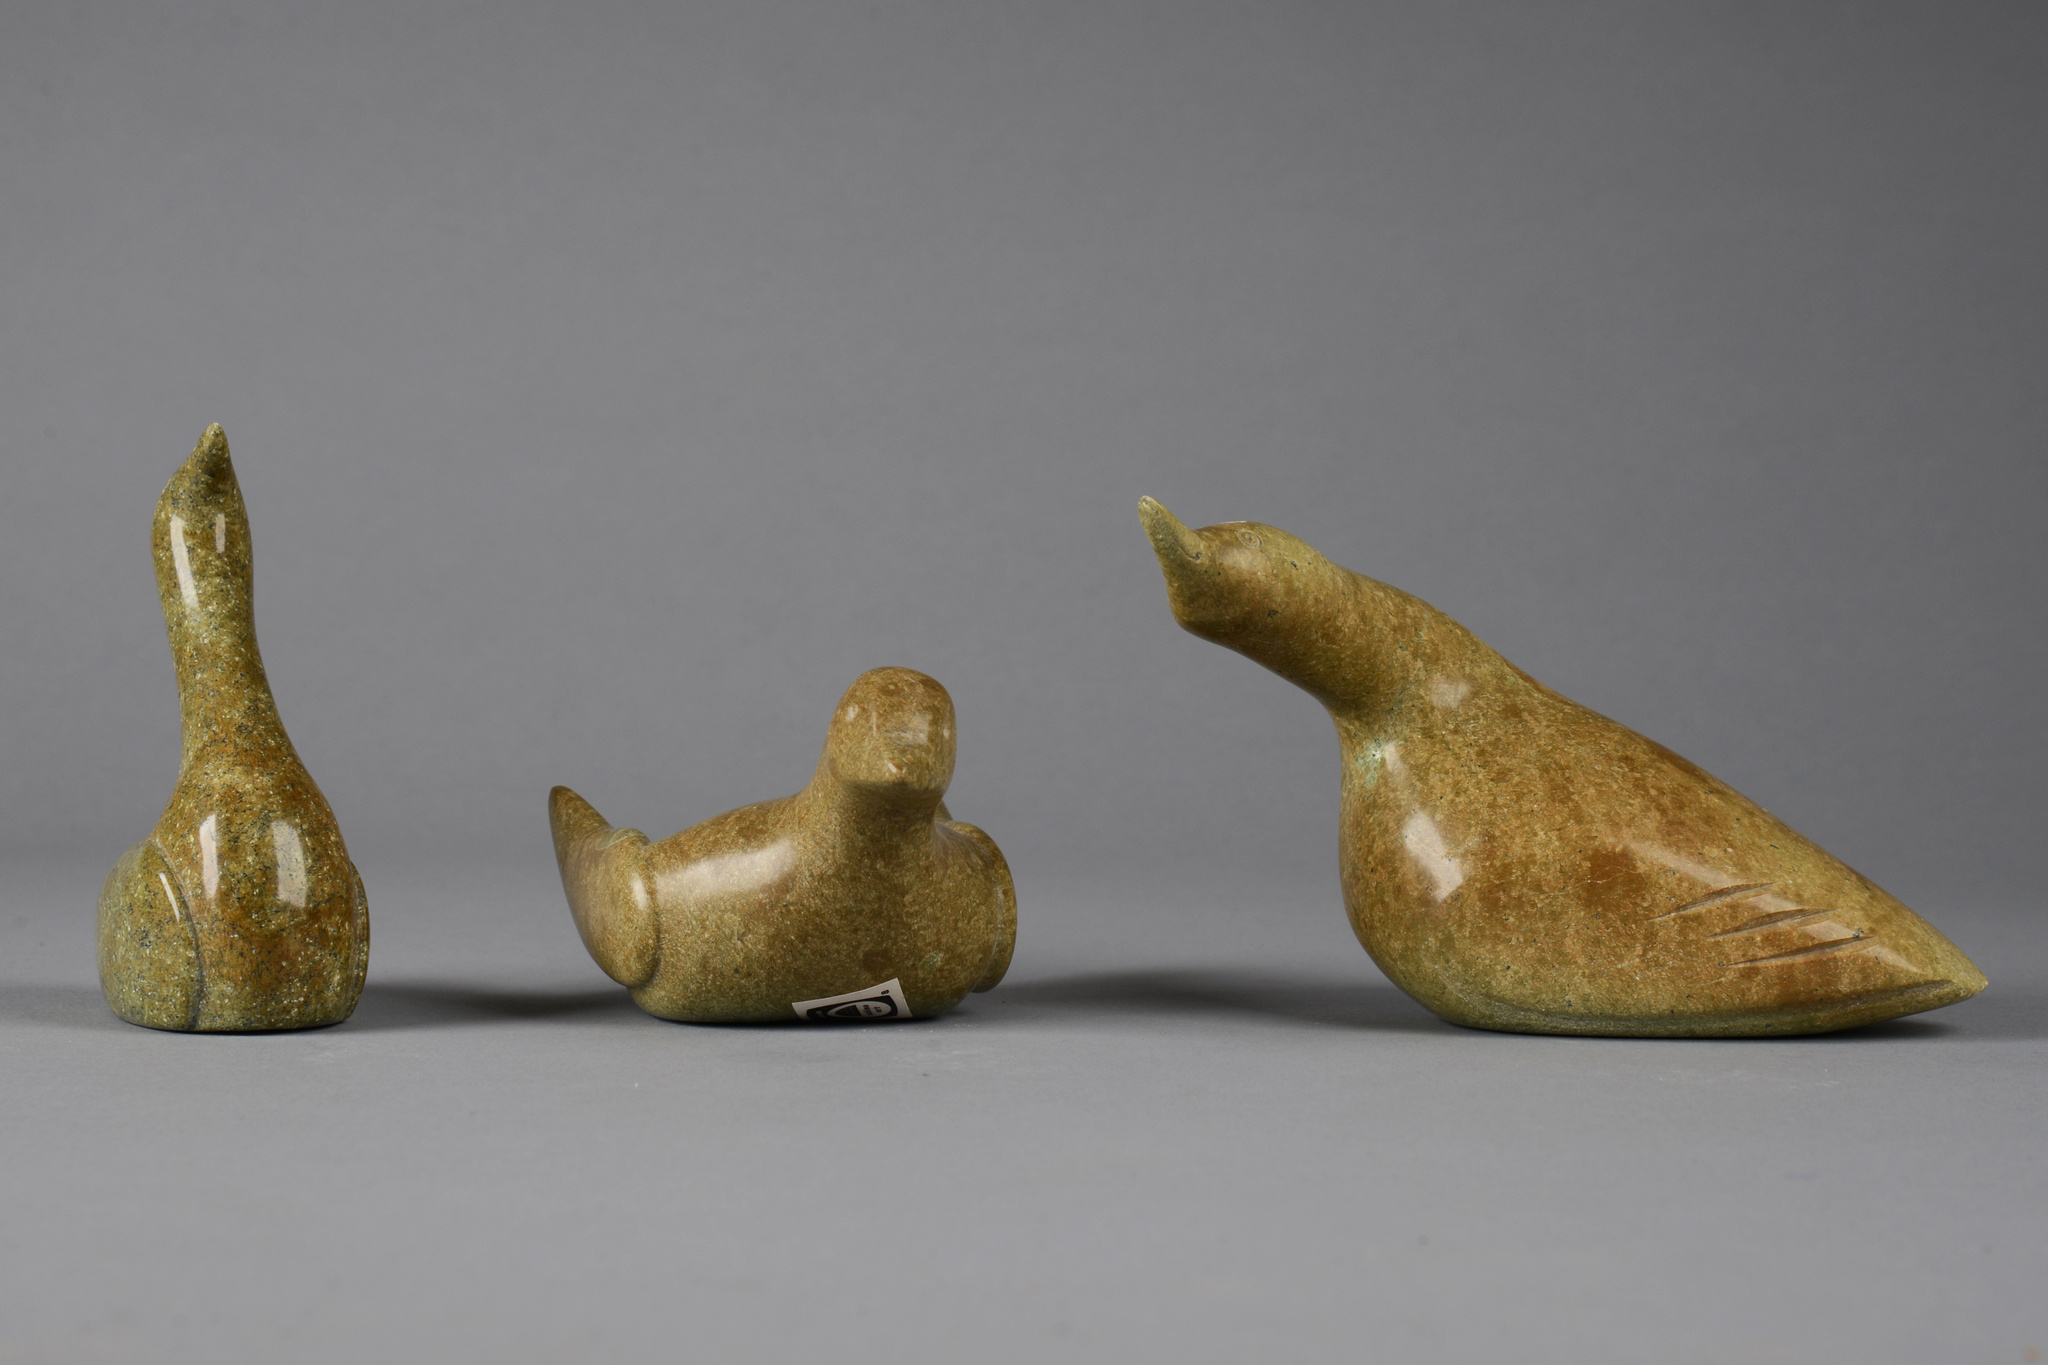 Three stone sculptures (birds)